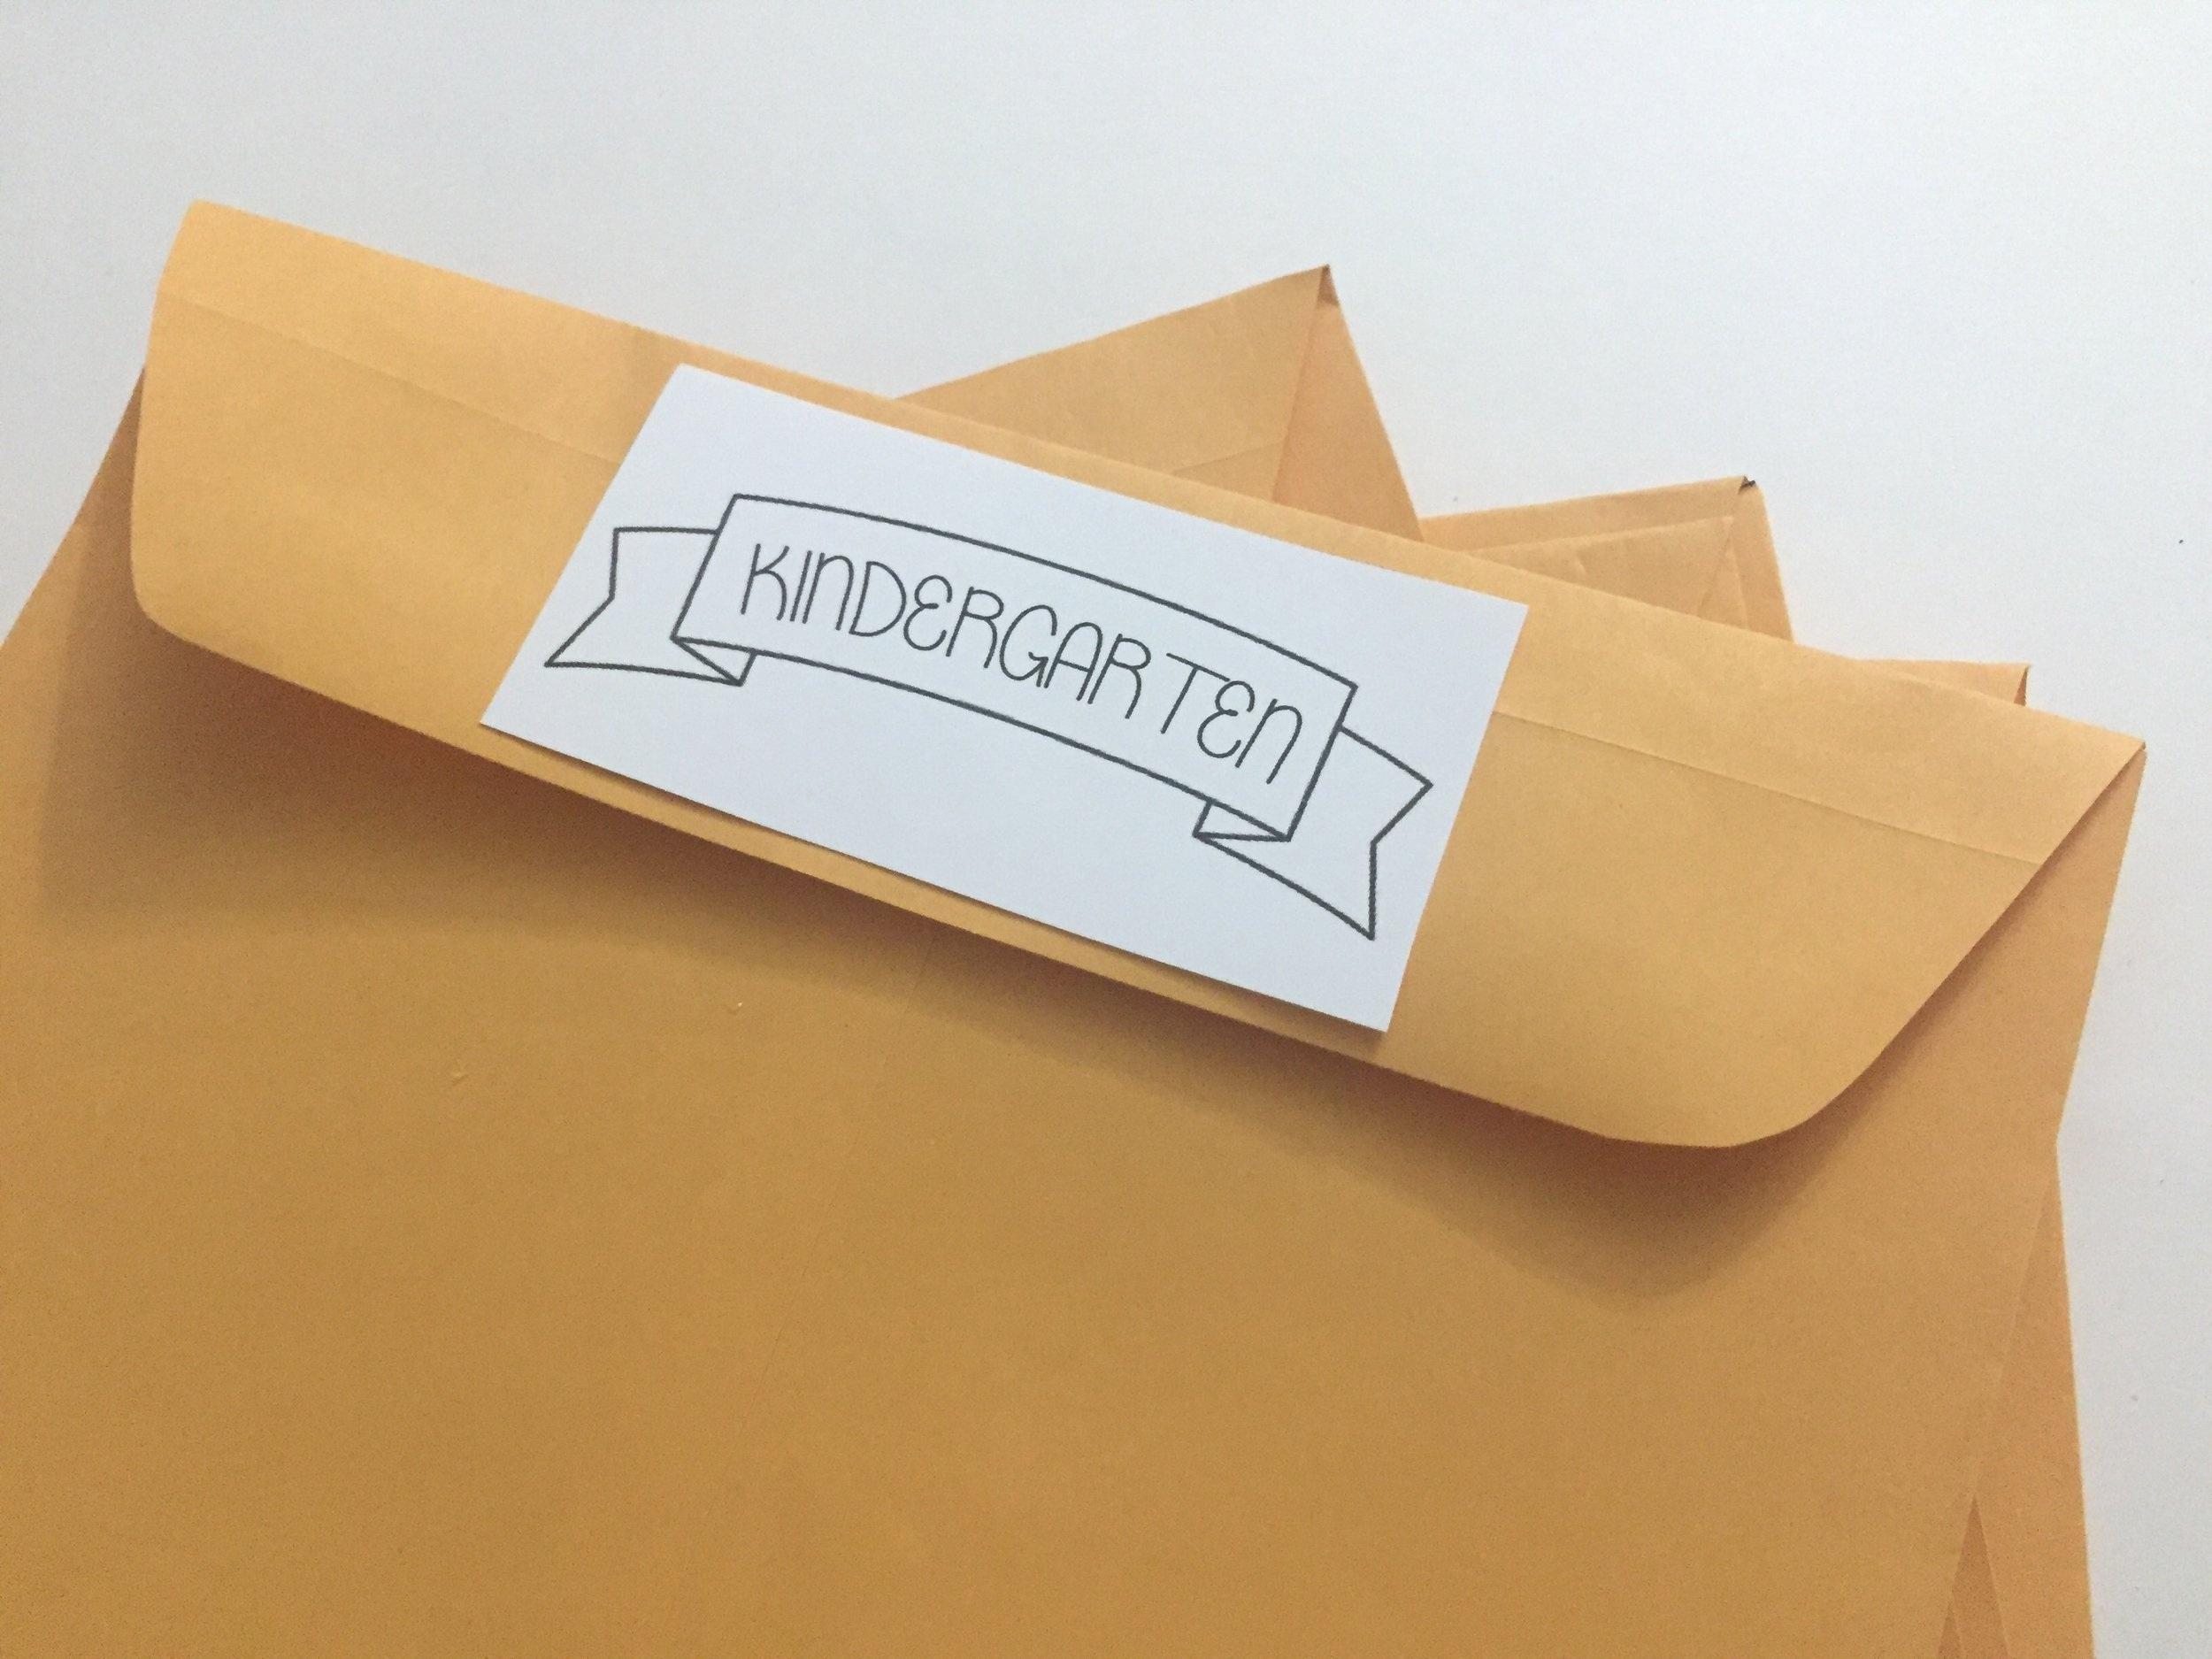 LabelsOnEnvelopes.jpg